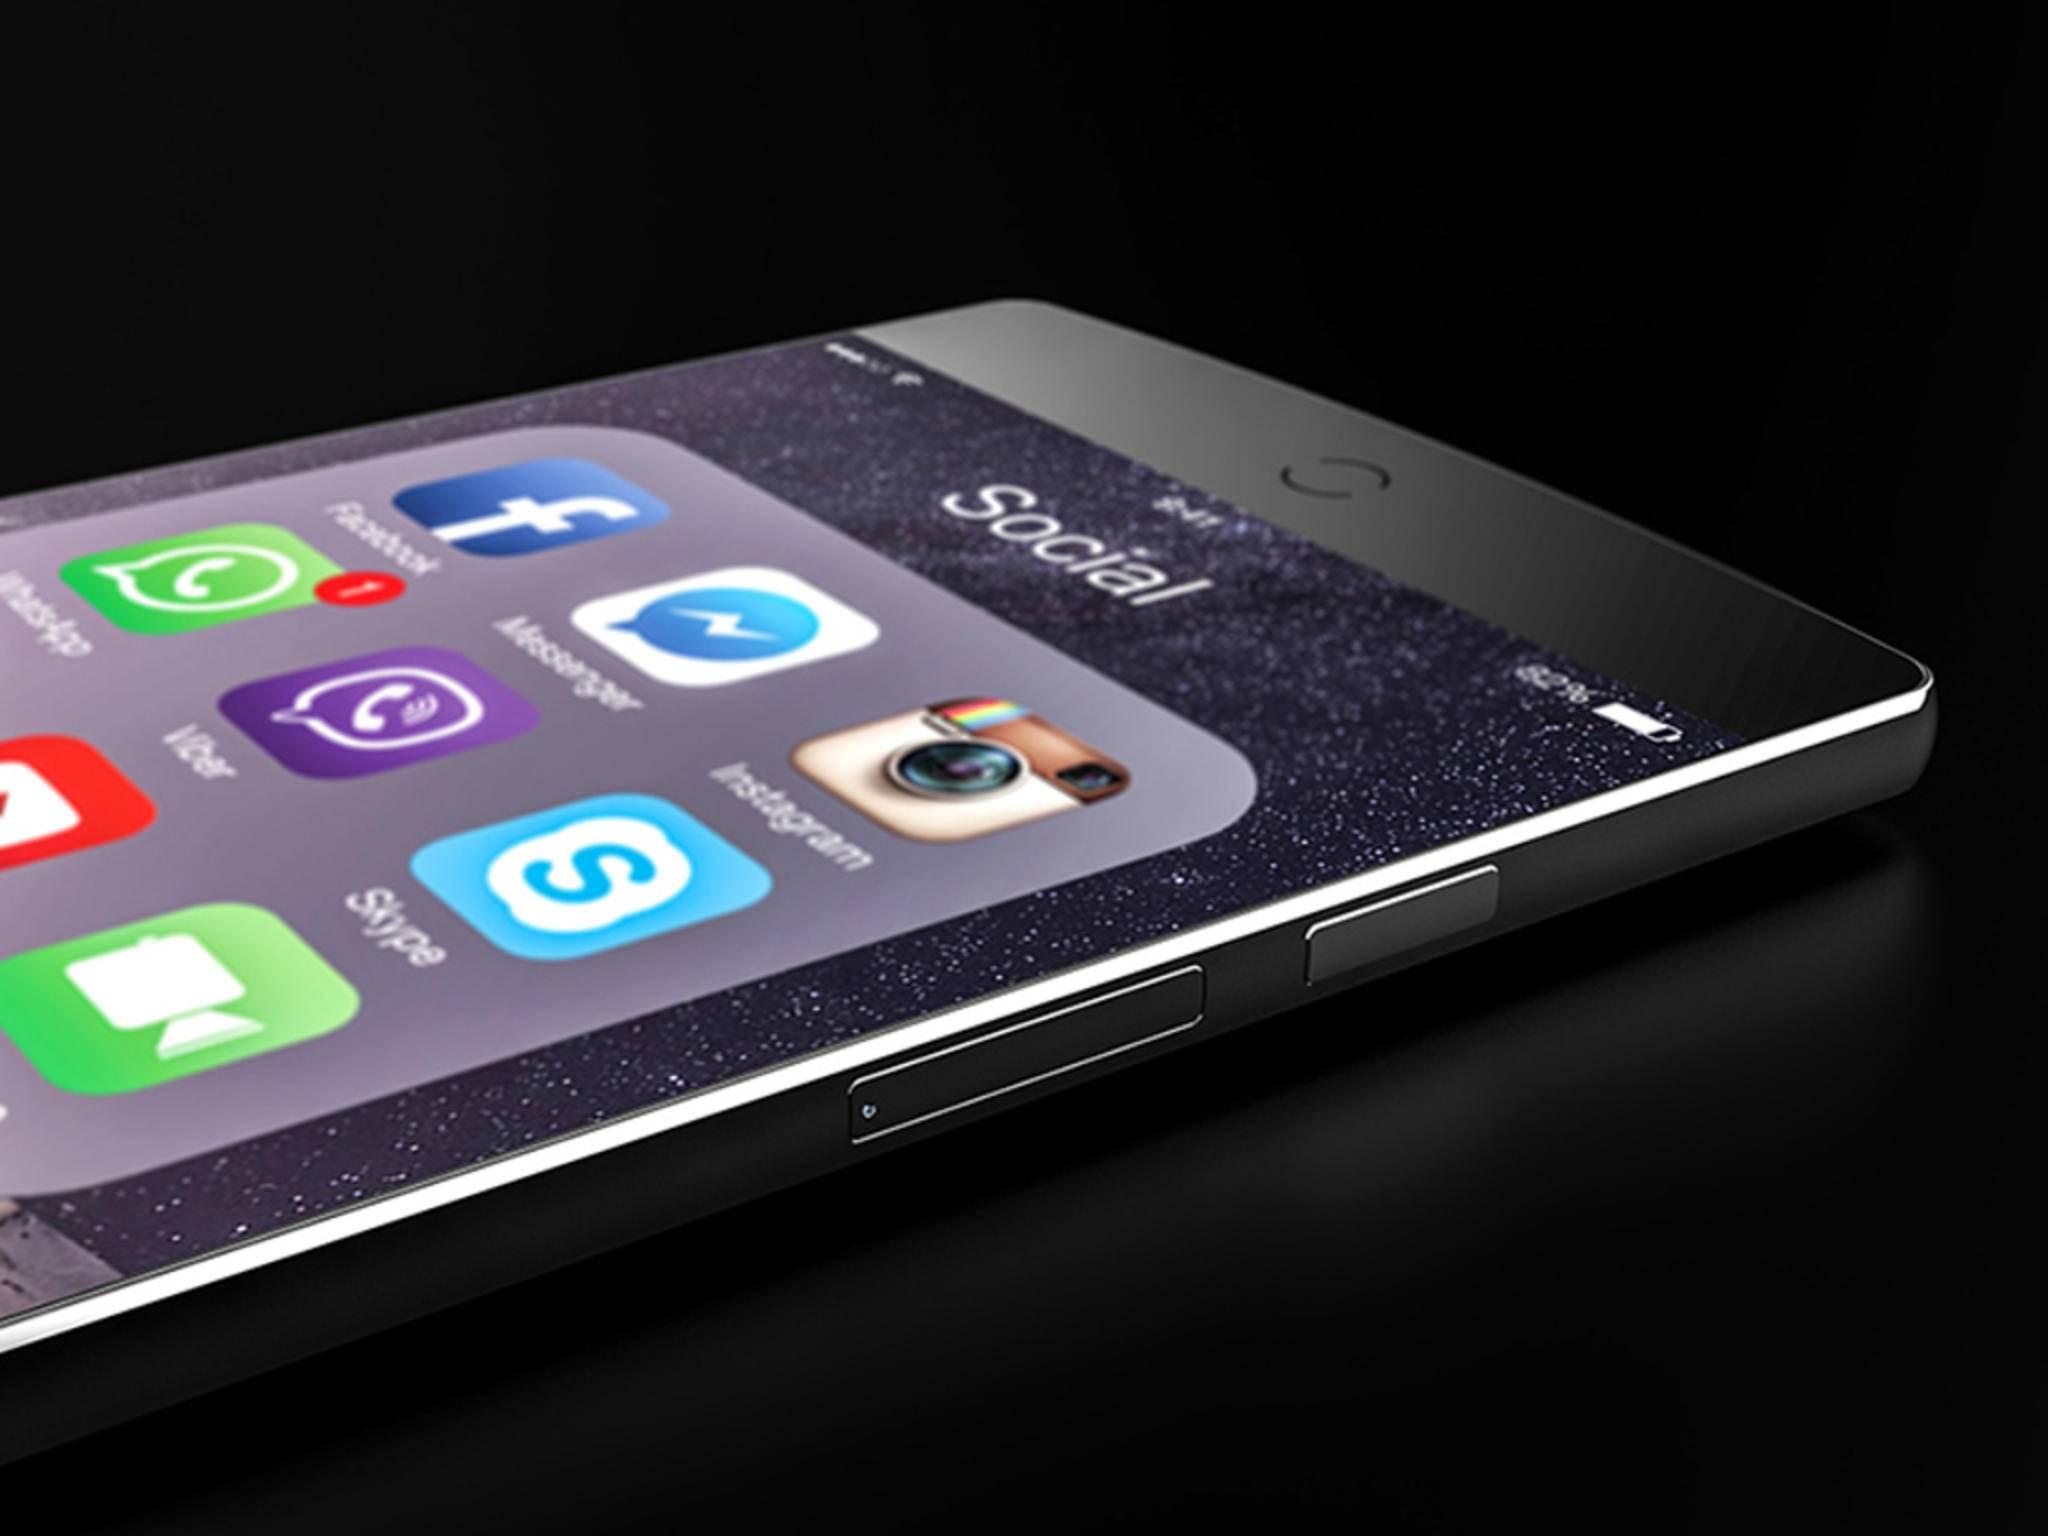 Wird das iPhone 7 früher als gewöhnlich auf den Markt kommen?